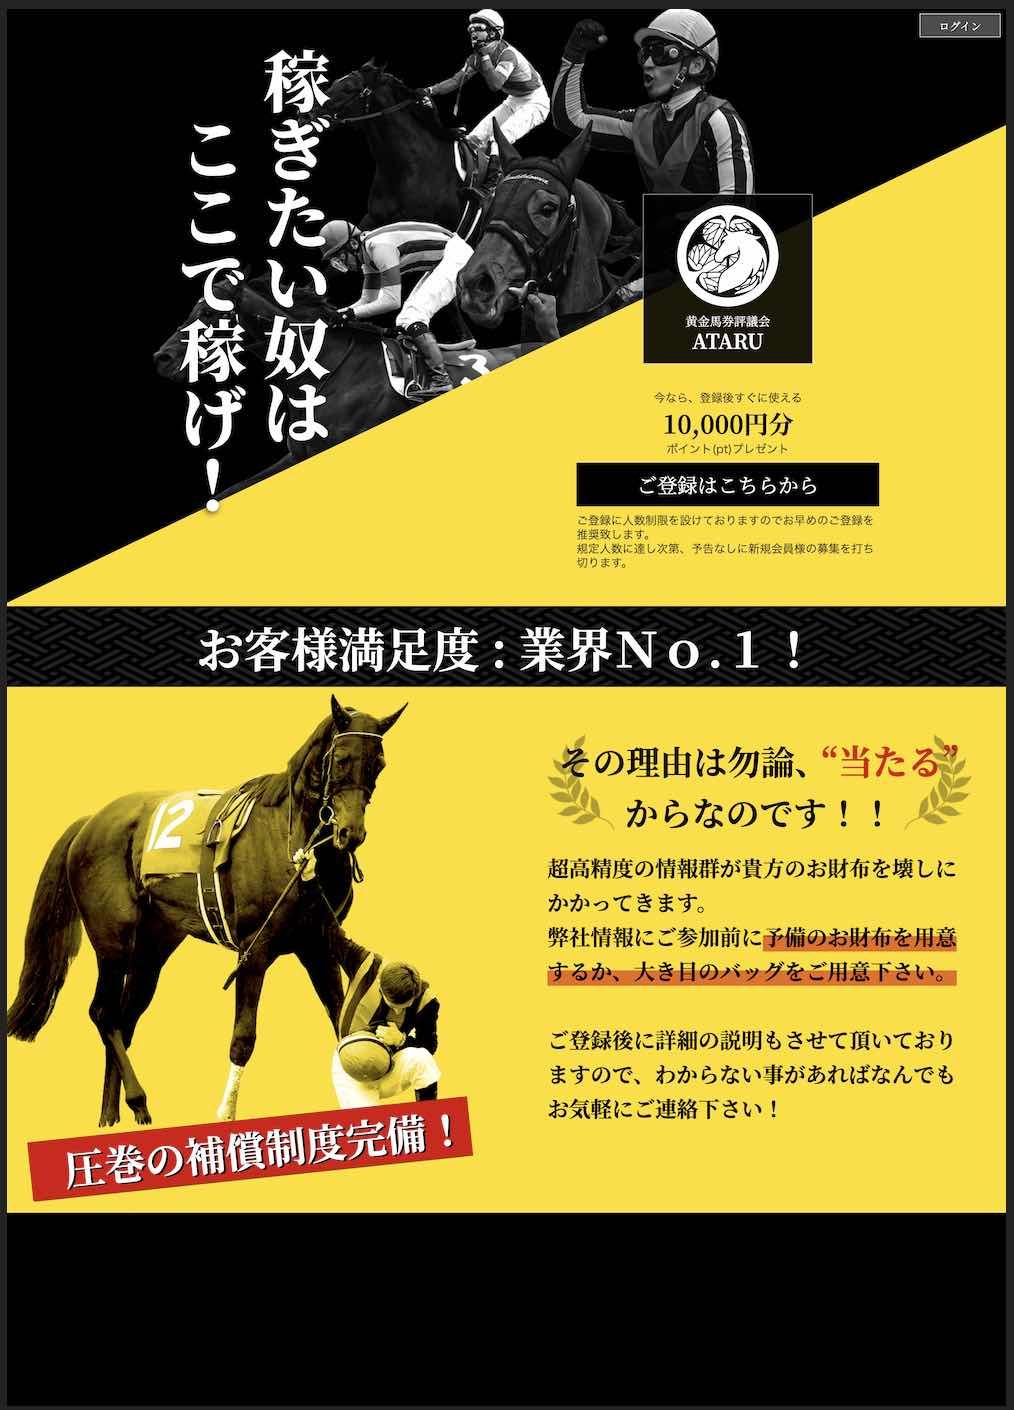 競馬予想サイトのATARU(アタル競馬)の非会員ページ